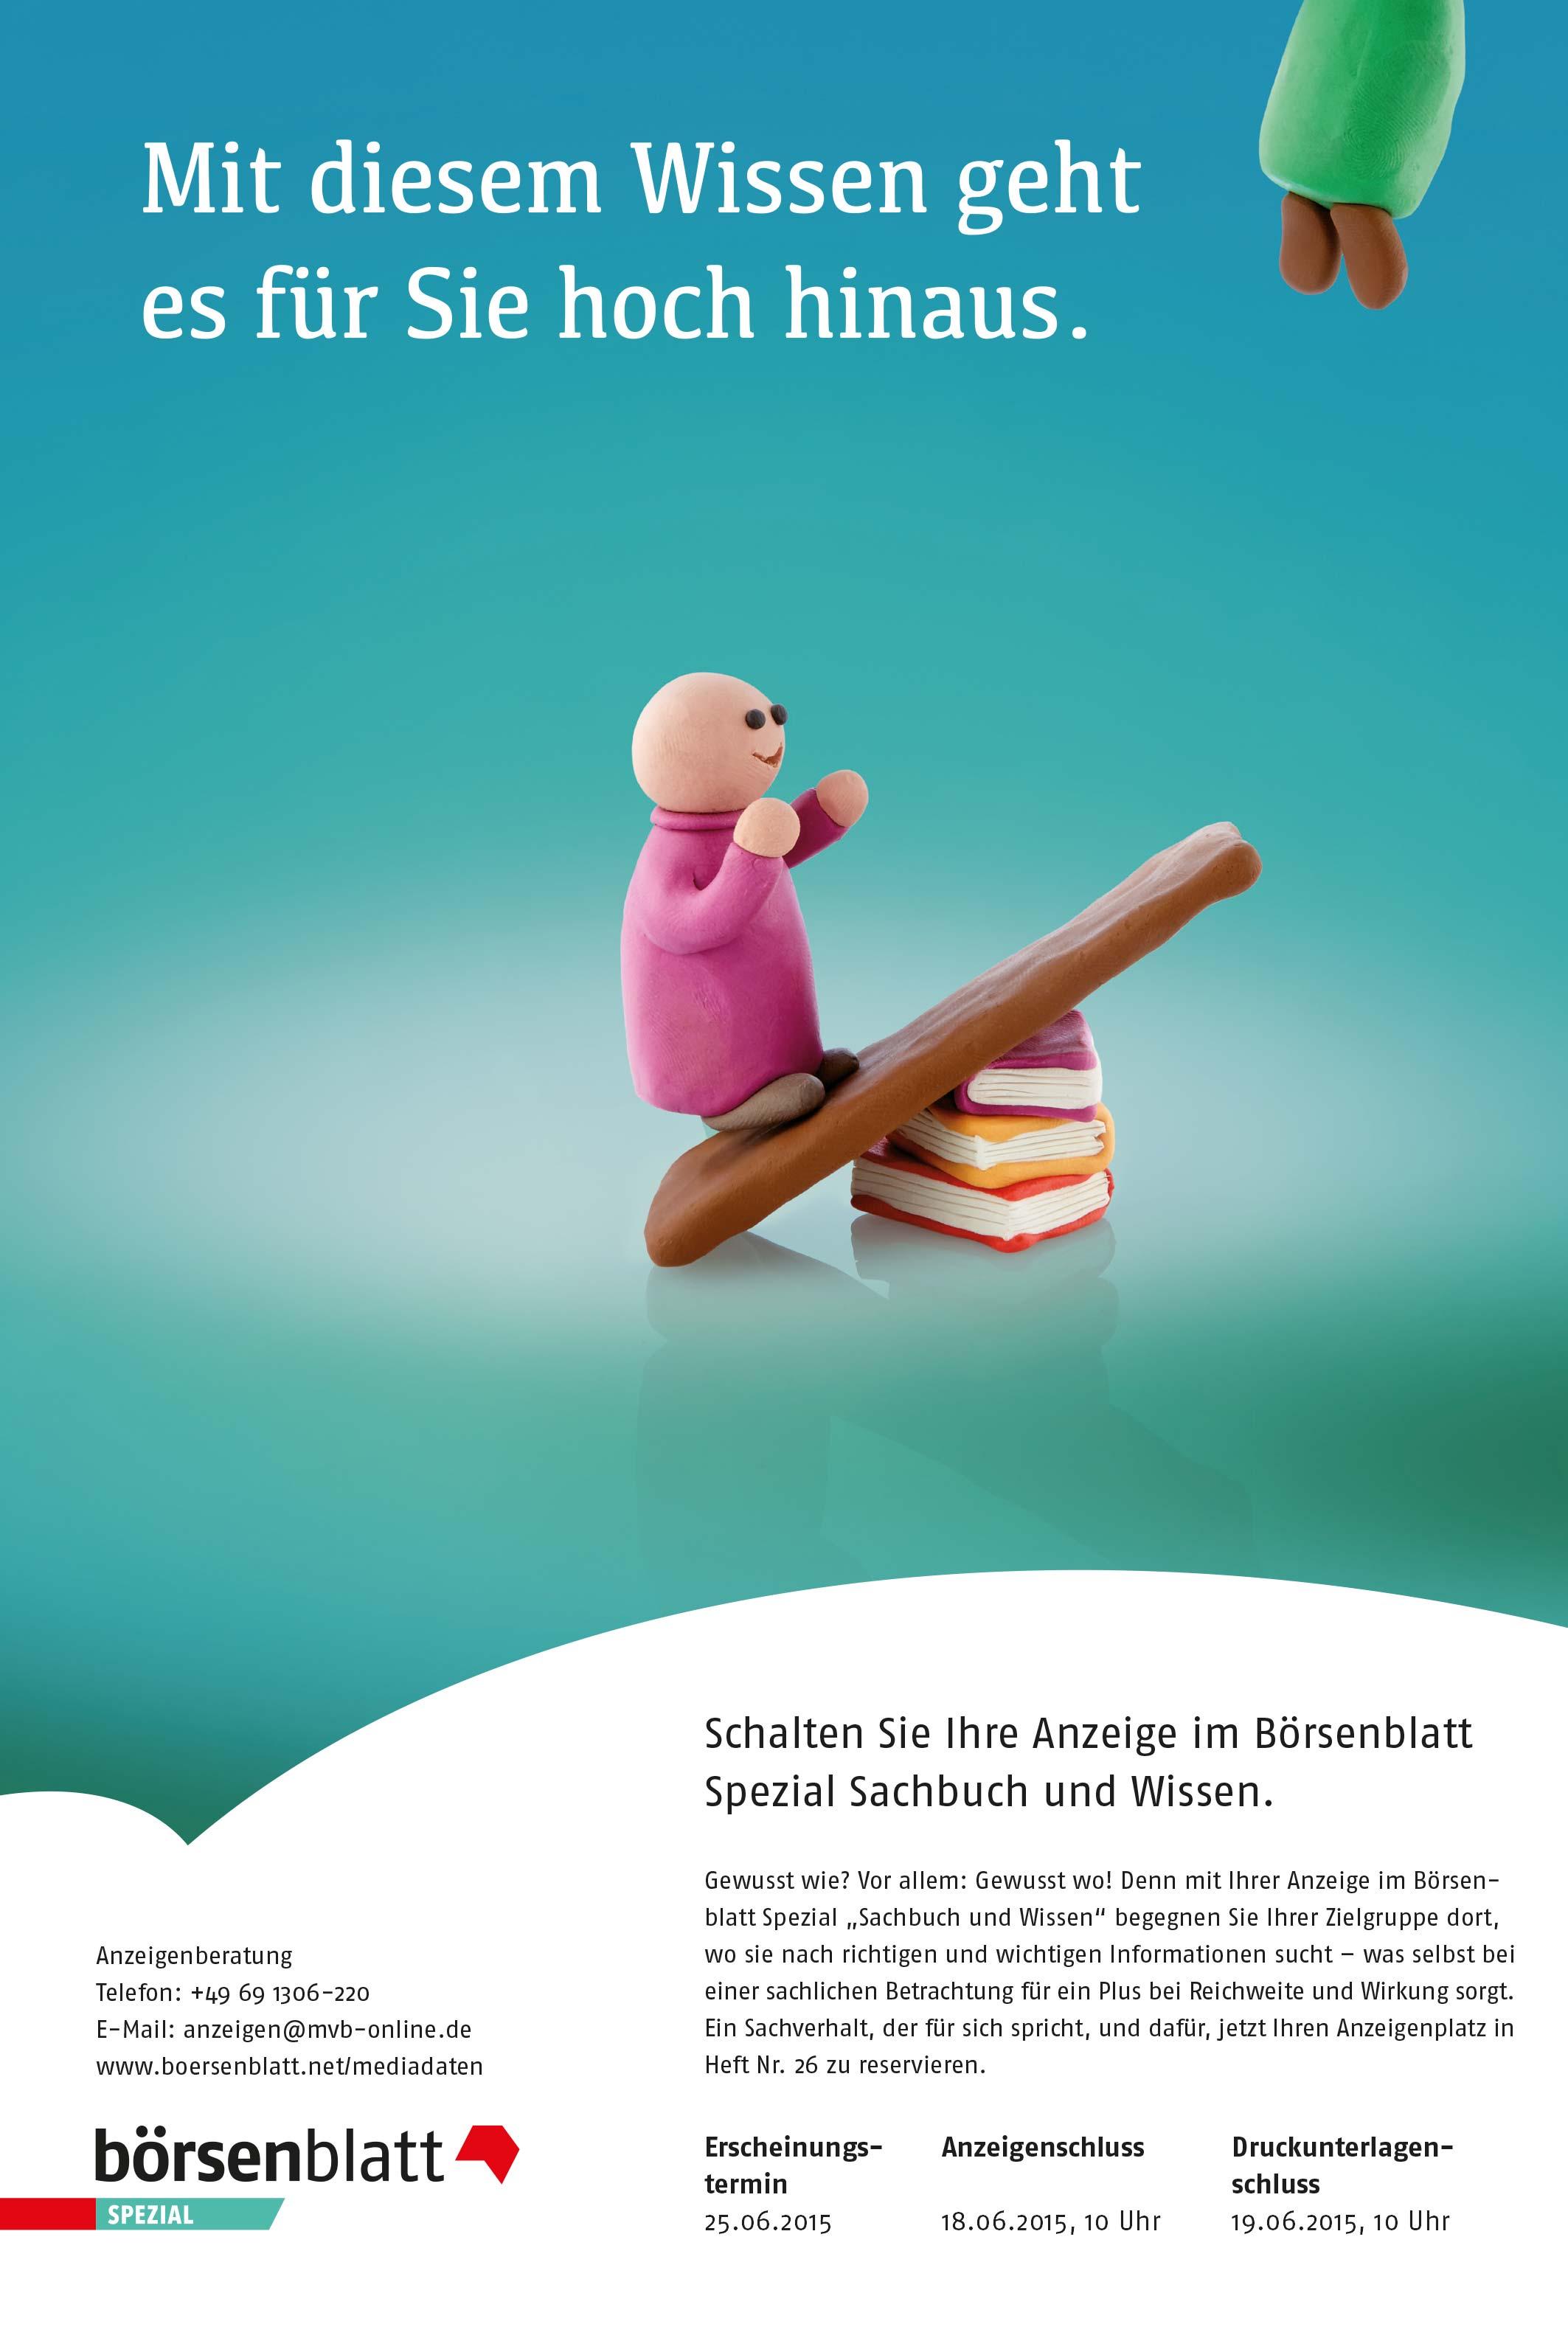 Anzeigenserie_Knetfiguren_Börsenblatt_Spezial_Sachbuch